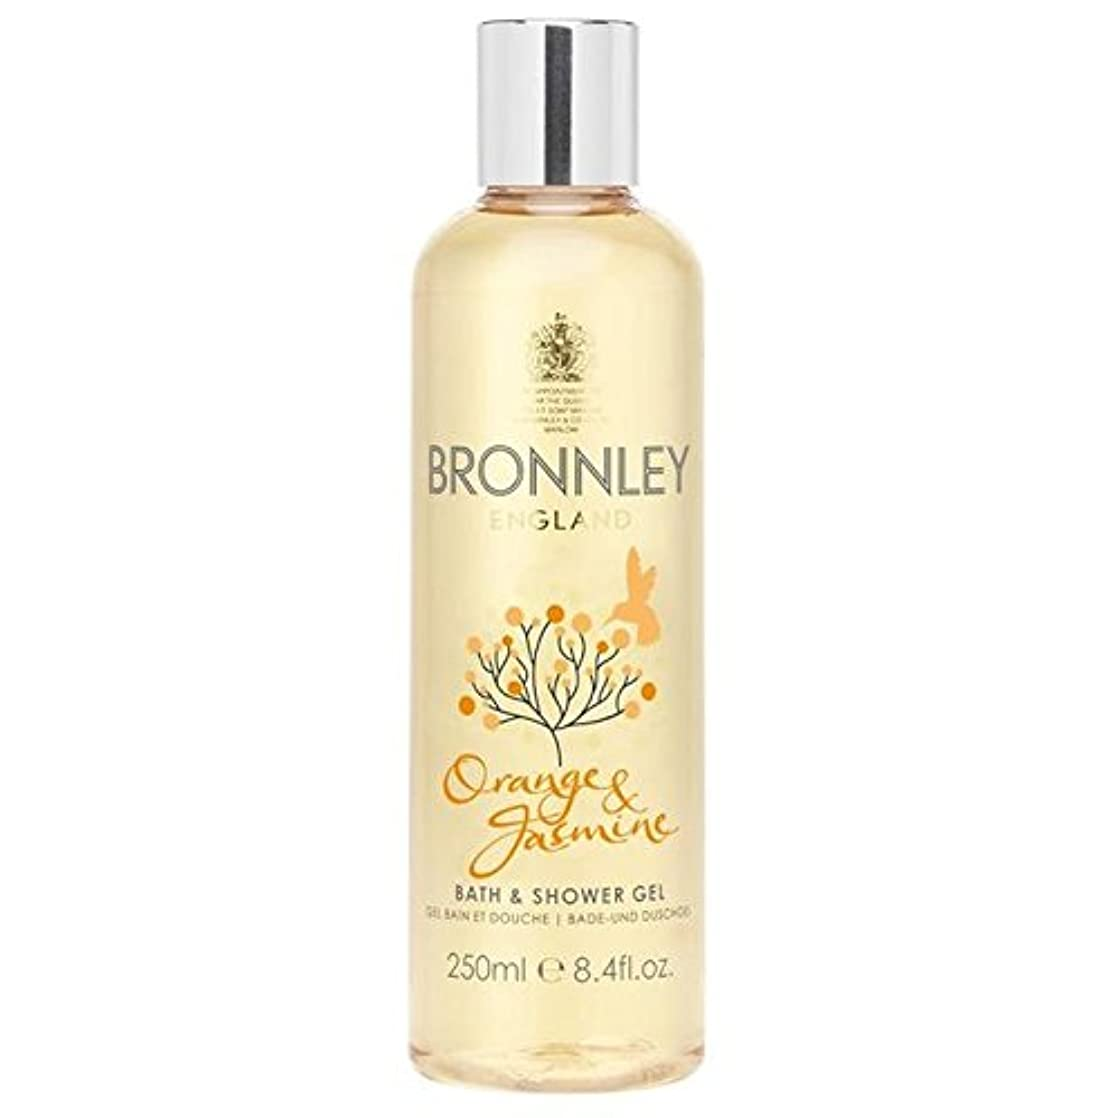 雇う強打証拠Bronnley Orange & Jasmine Bath & Shower Gel 250ml - オレンジ&ジャスミンバス&シャワージェル250ミリリットル [並行輸入品]